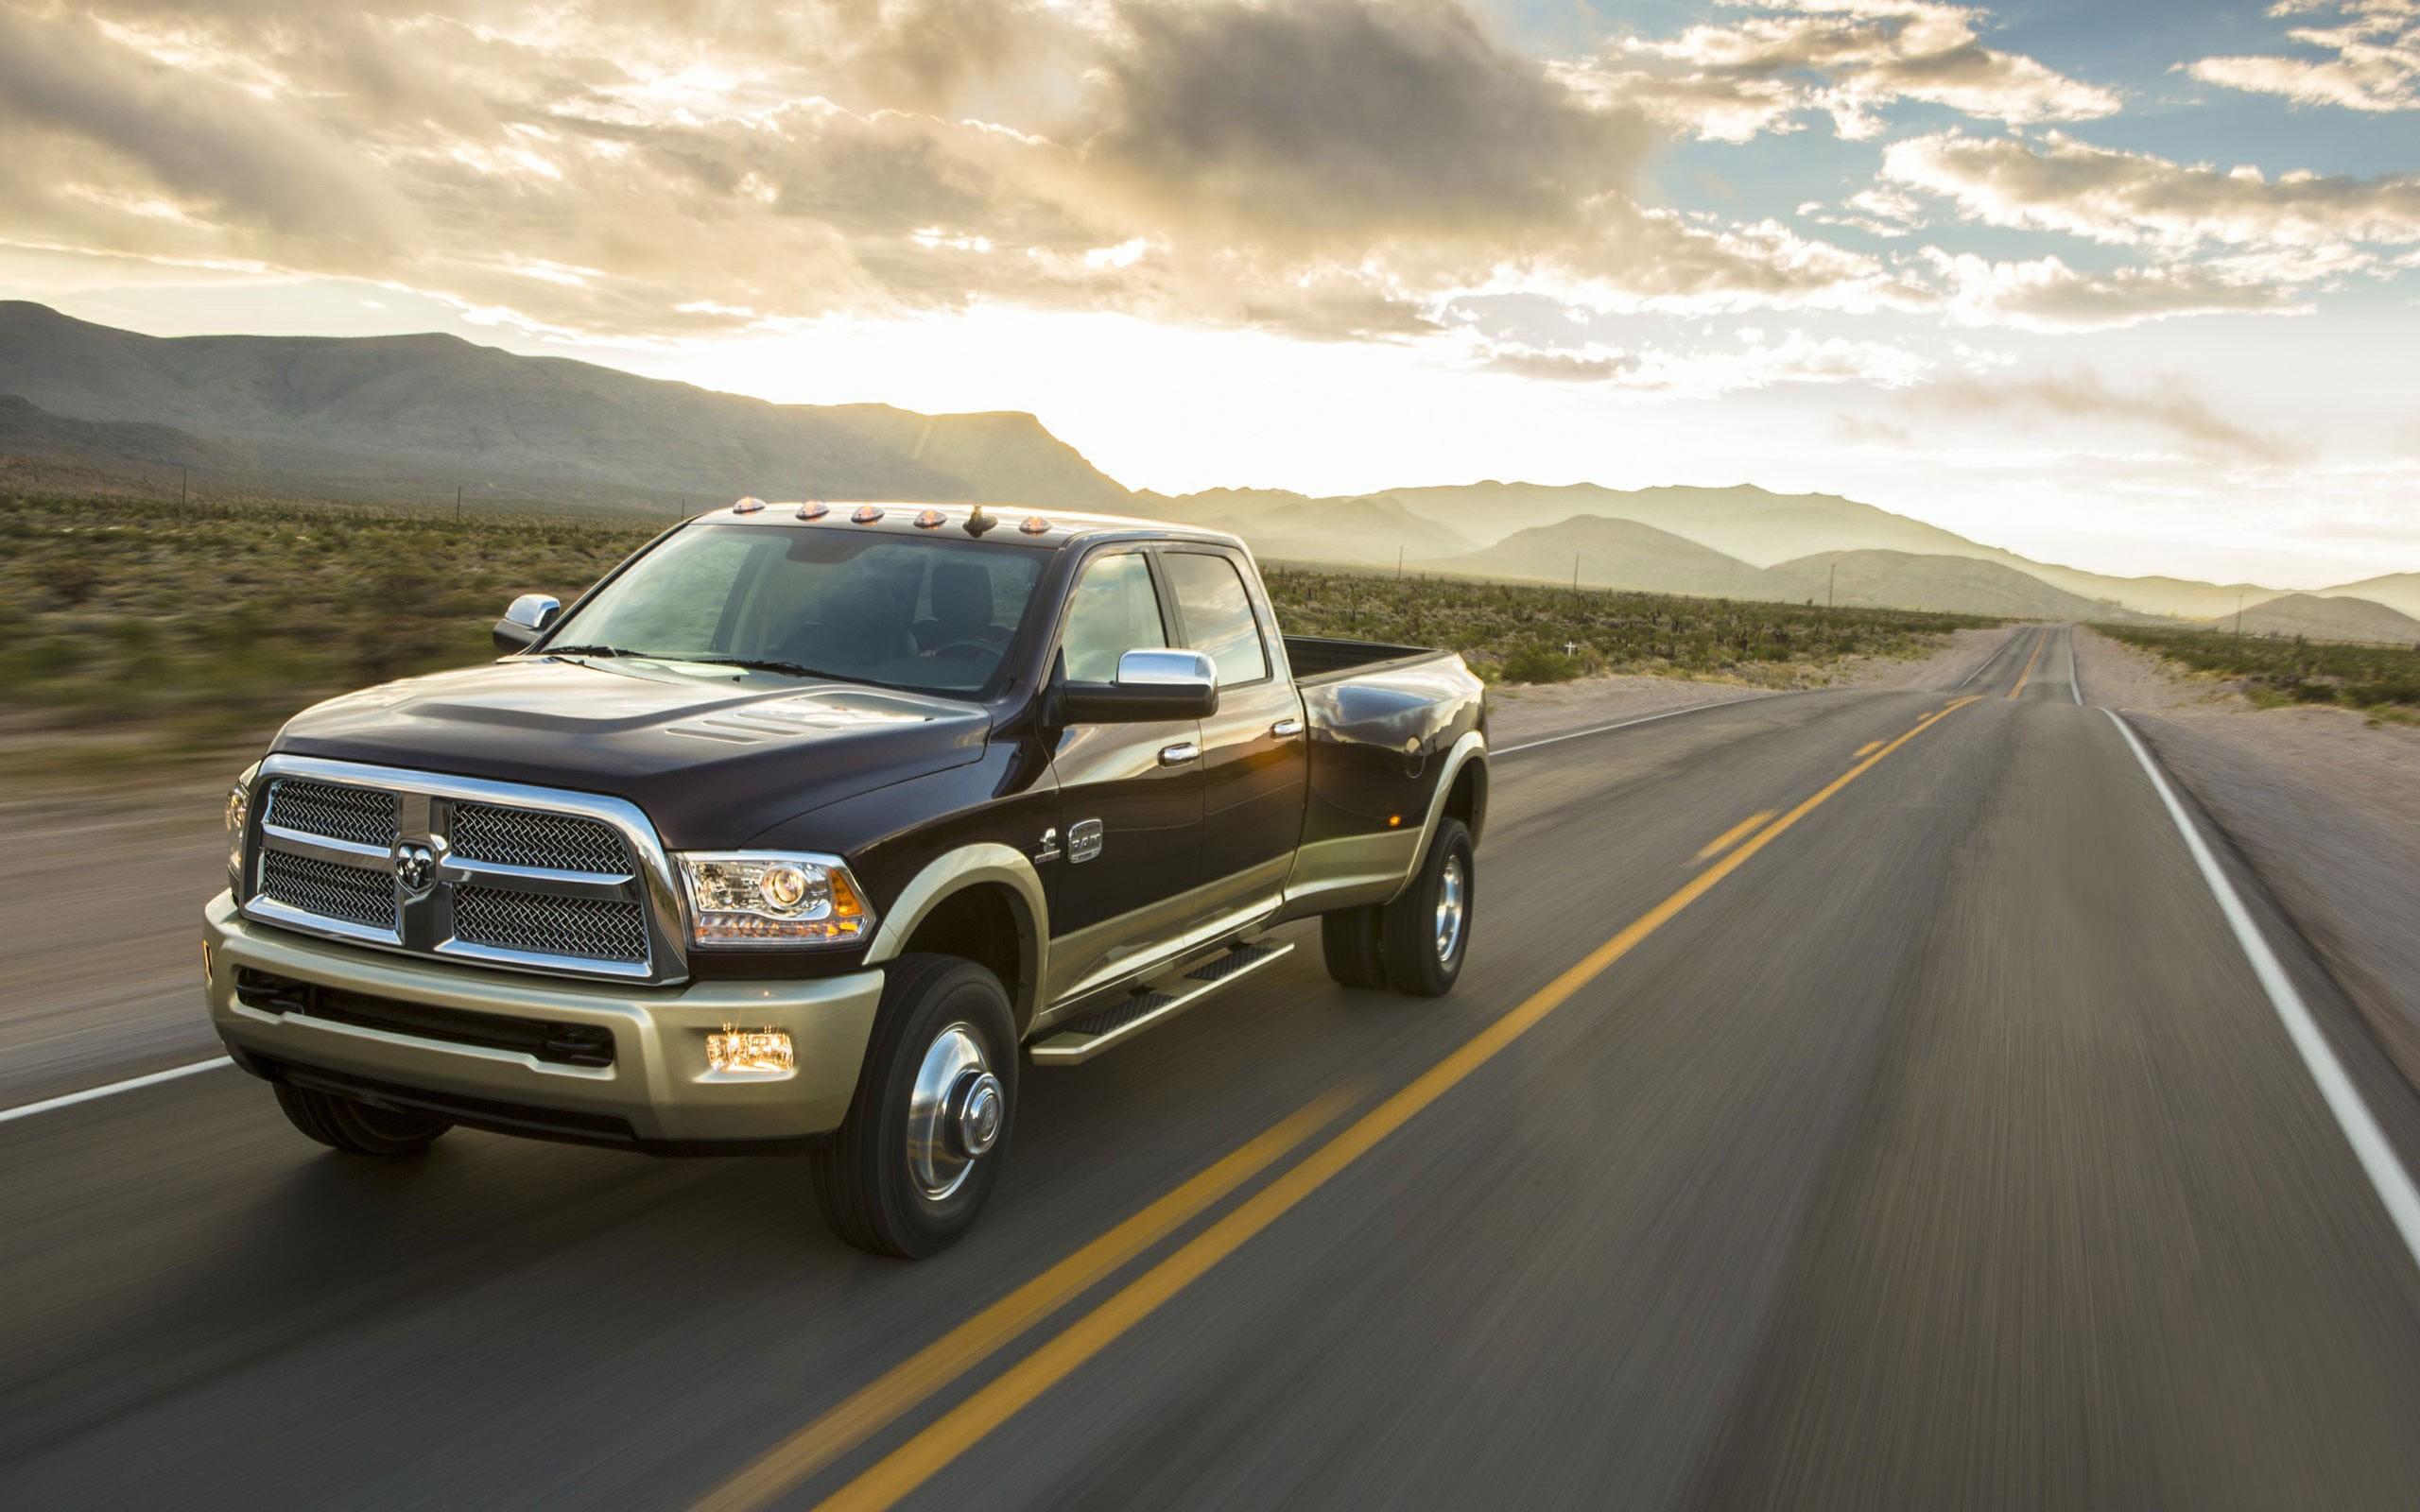 2013 Dodge Ram Heavy Duty Wallpaper | HD Car Wallpapers ...